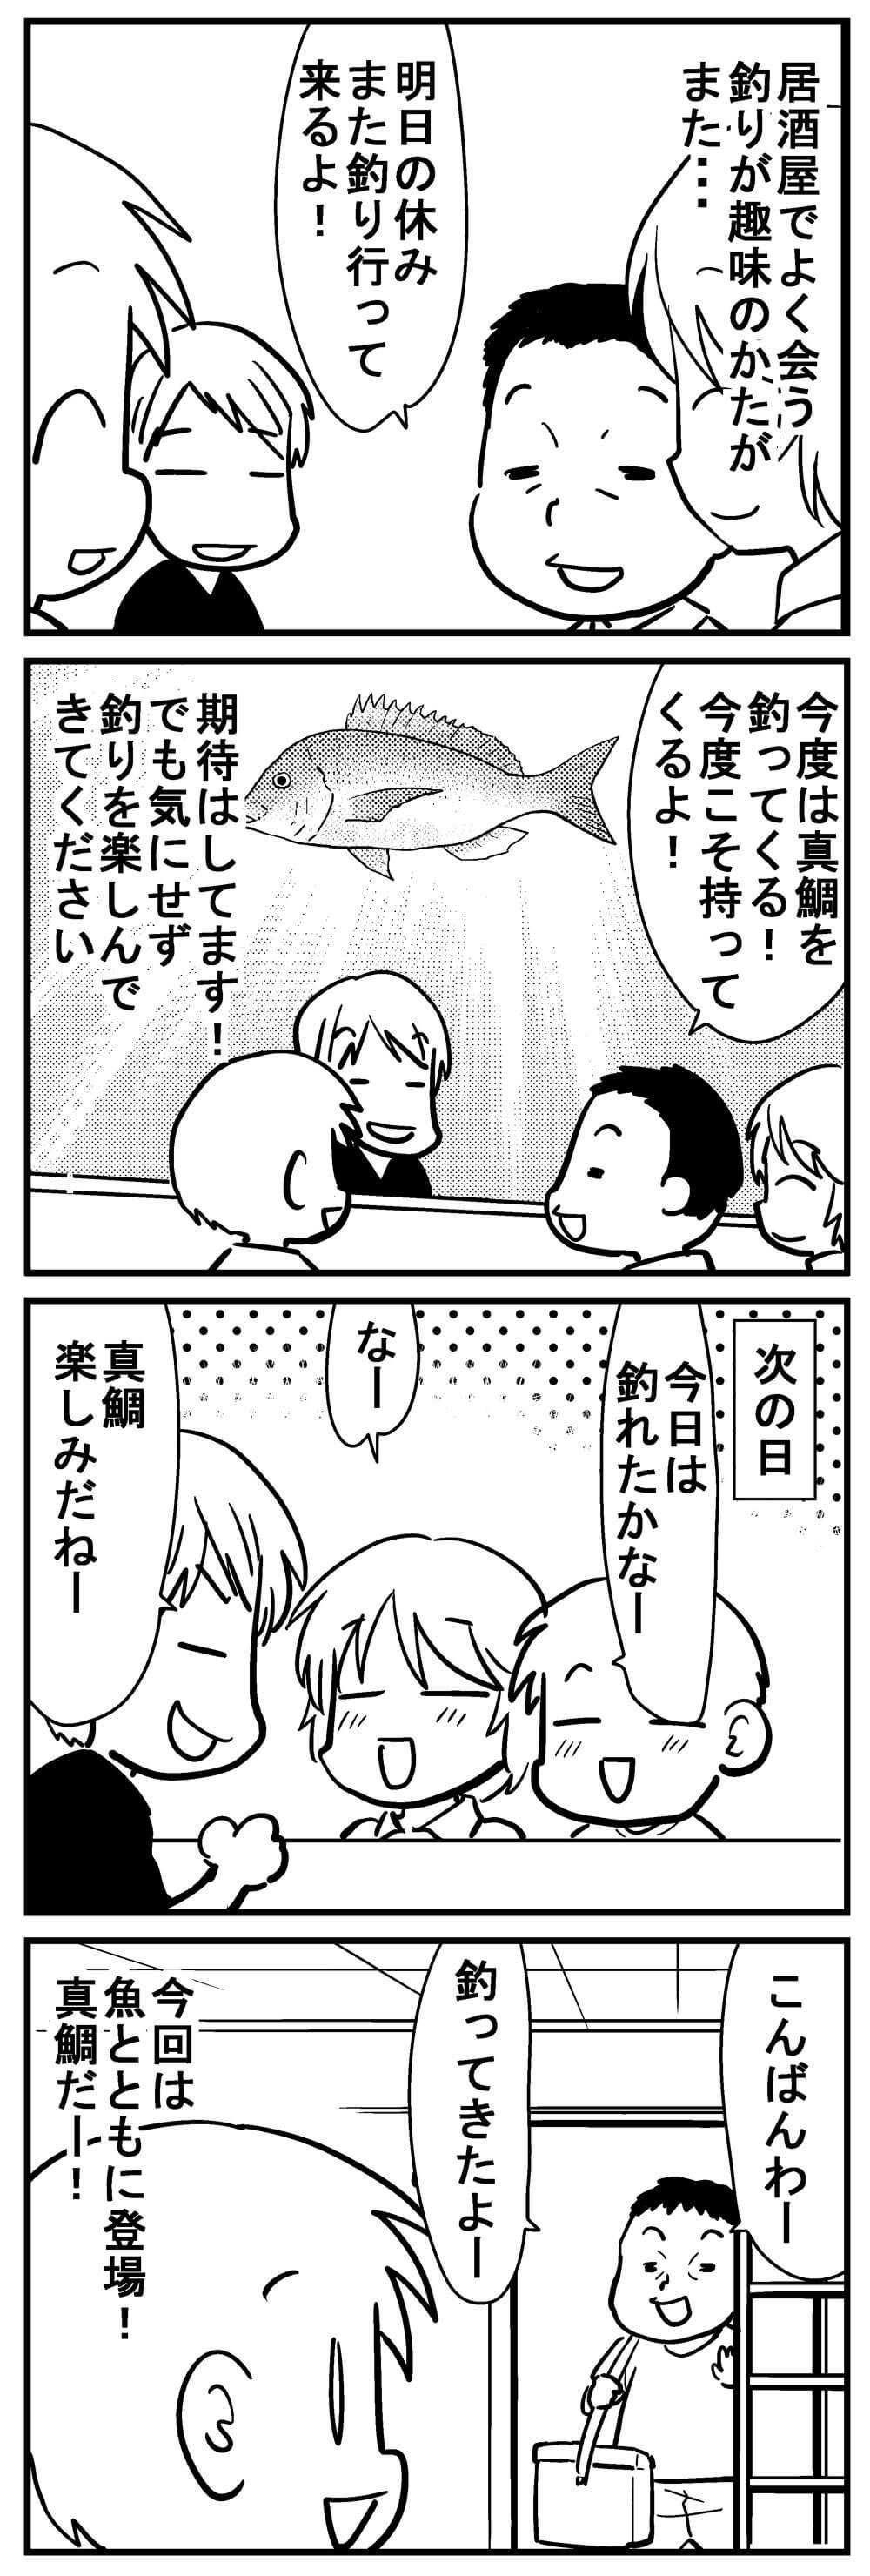 深読みくん147-1